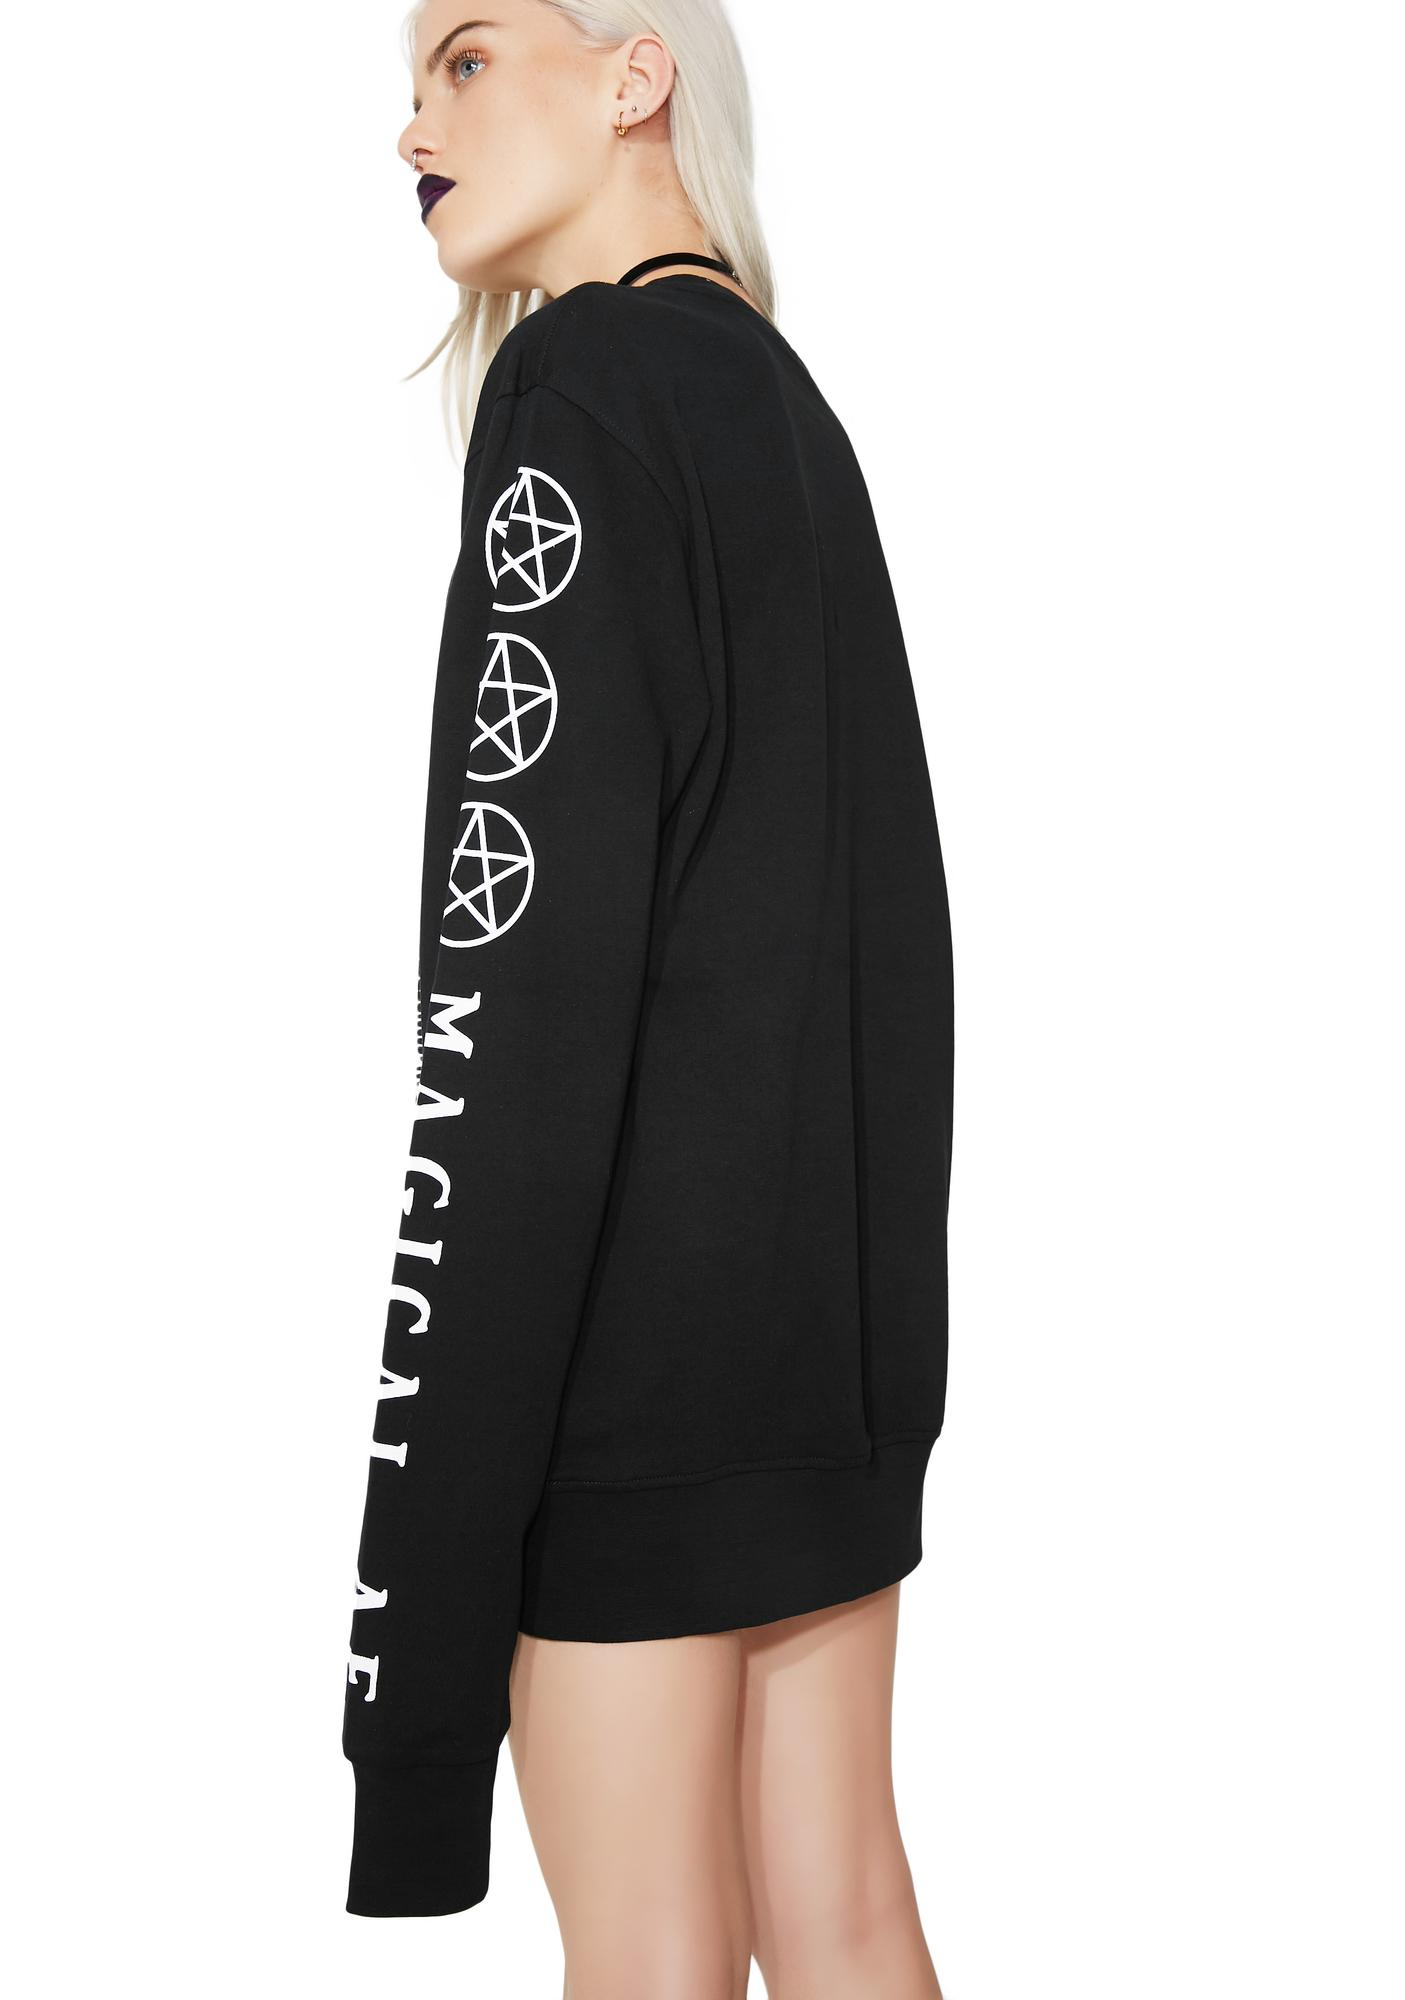 Killstar Magical AF Sweatshirt